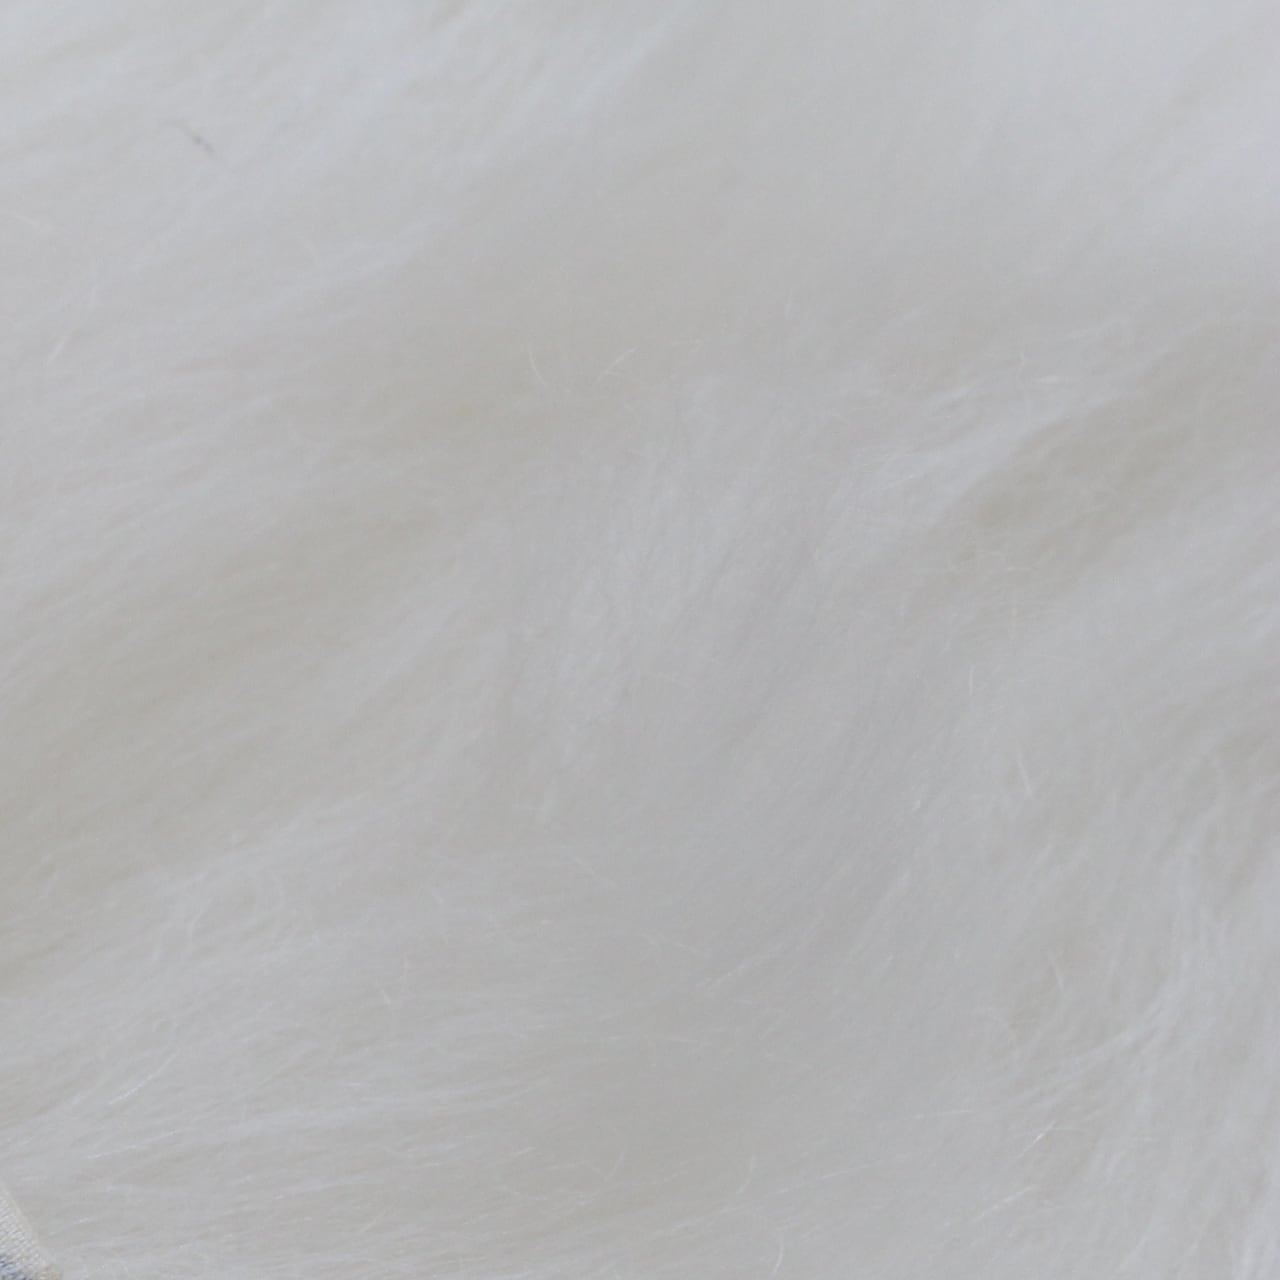 【モヘア】超ロング白  1/2ヤード long mohair (Steiff Schulte)